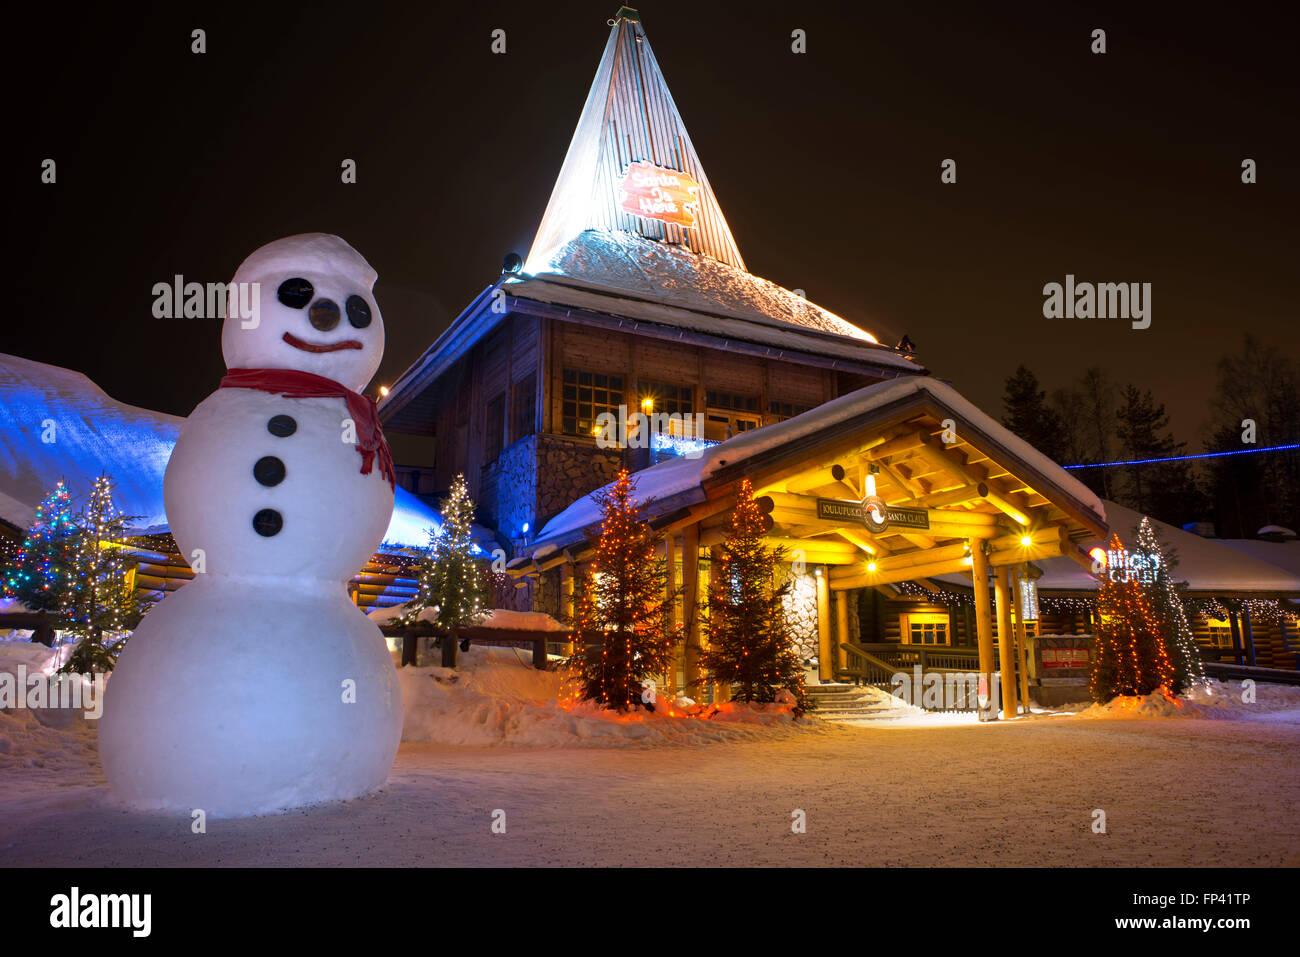 Casa Babbo Natale Rovaniemi Finlandia.Ufficio Di Babbo Natale Al Circolo Polare Artico Rovaniemi